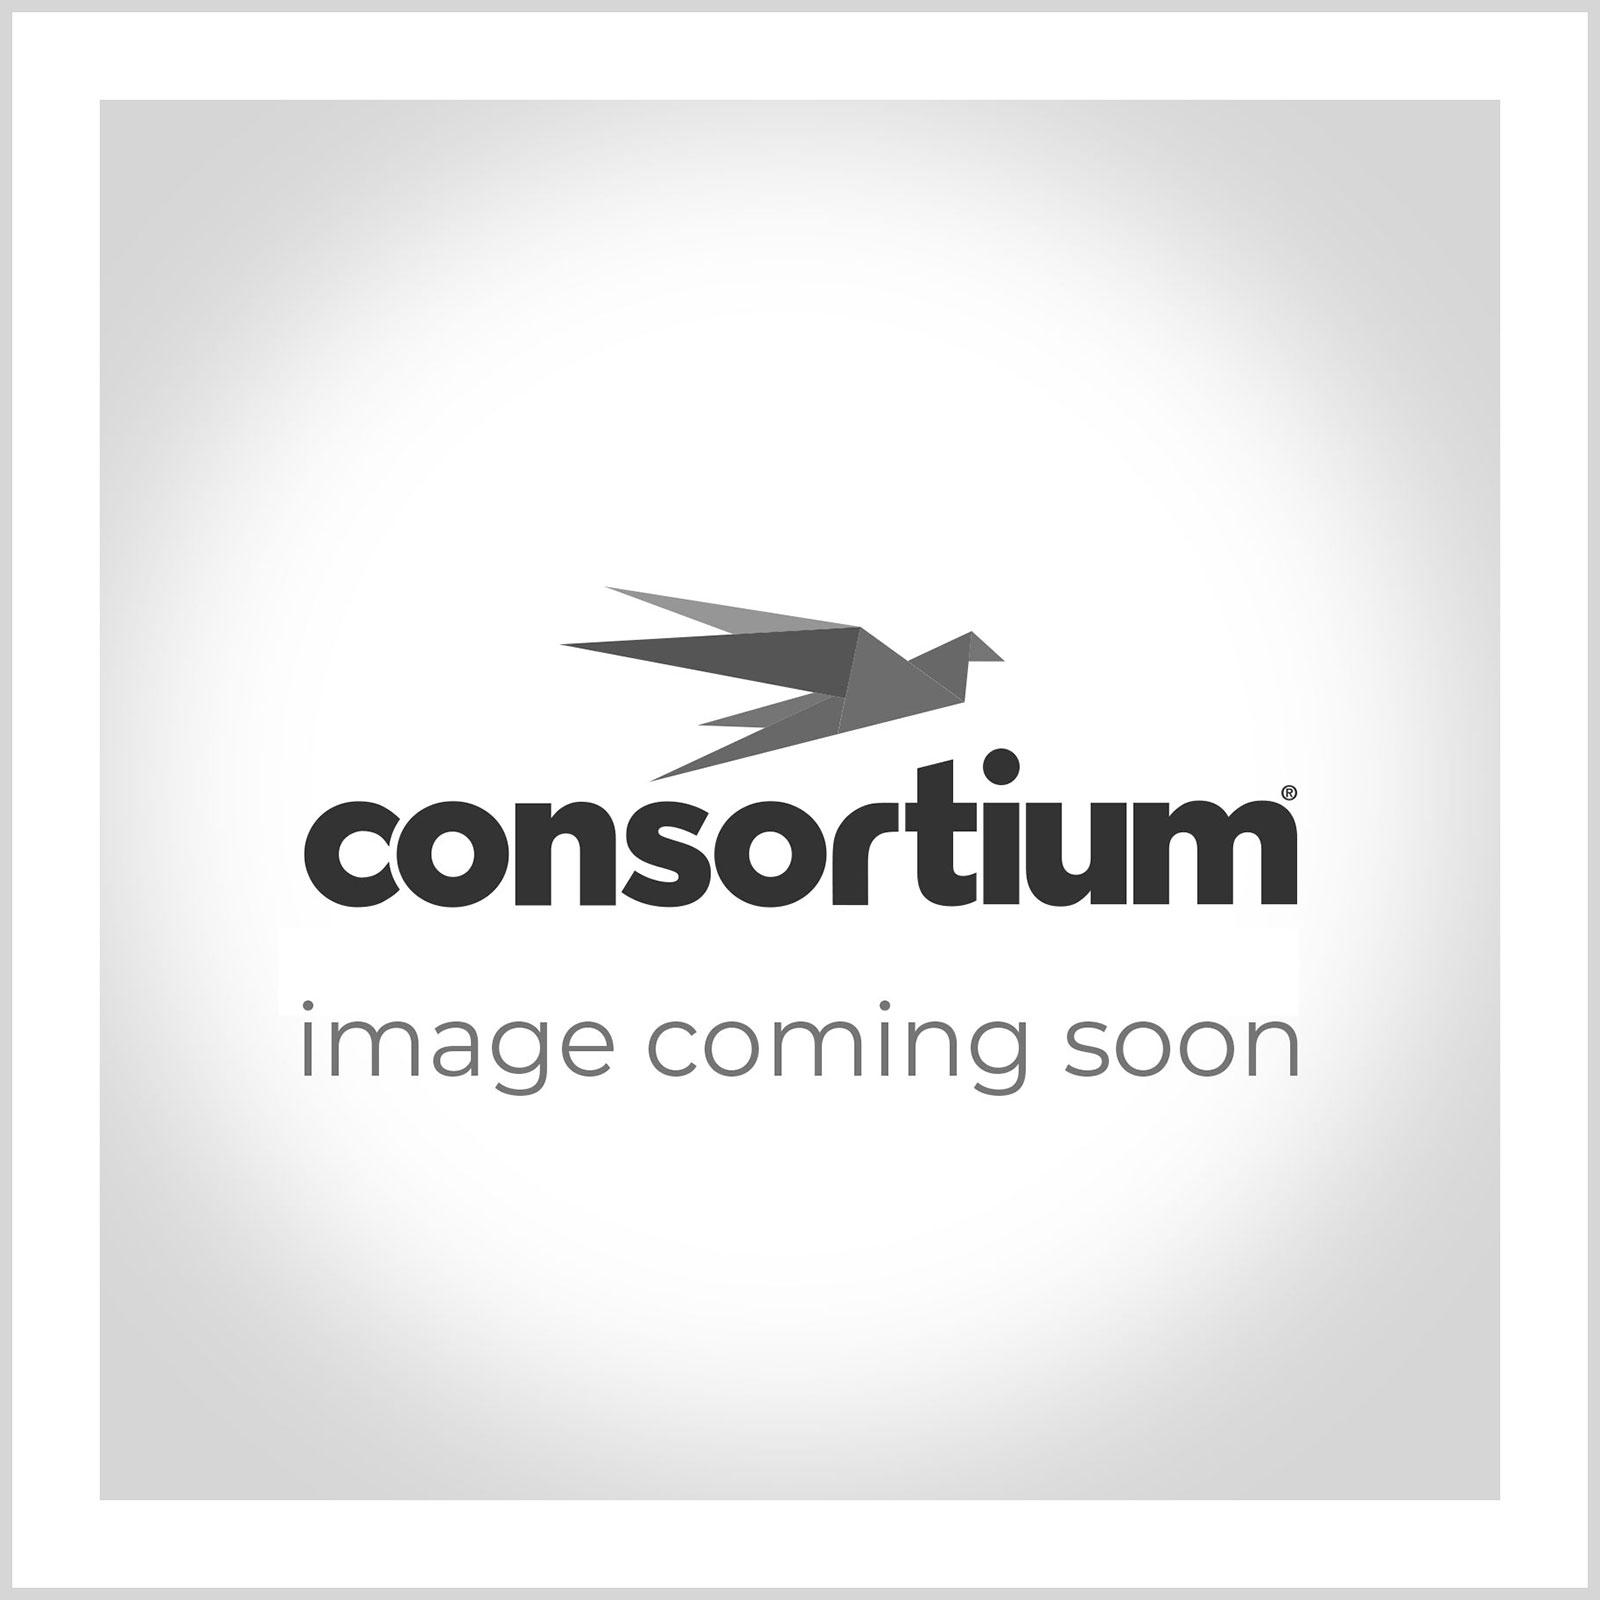 Baden All-Star Basketballs